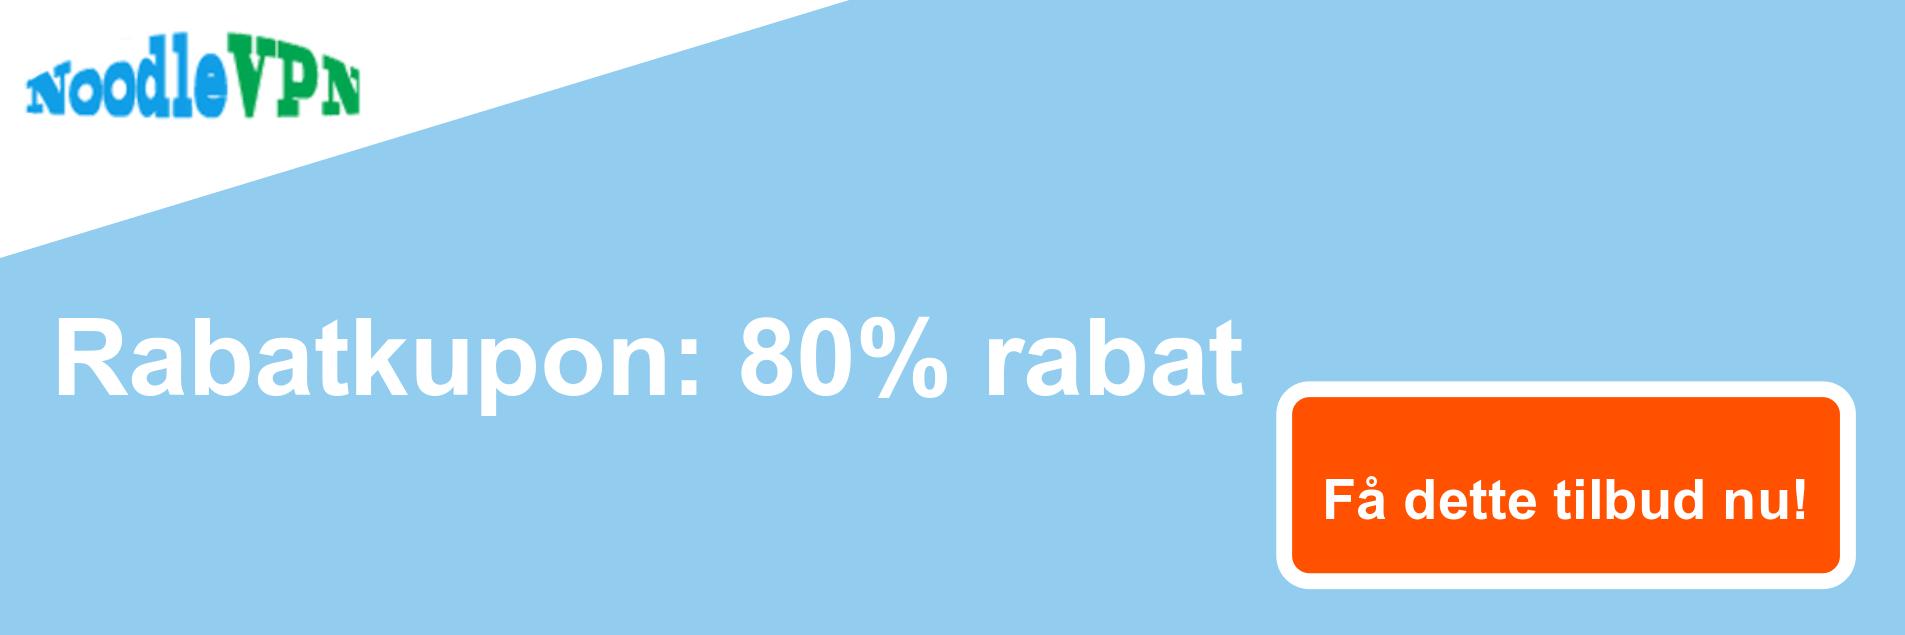 NoodleVPN-kuponbanner - 80% rabat